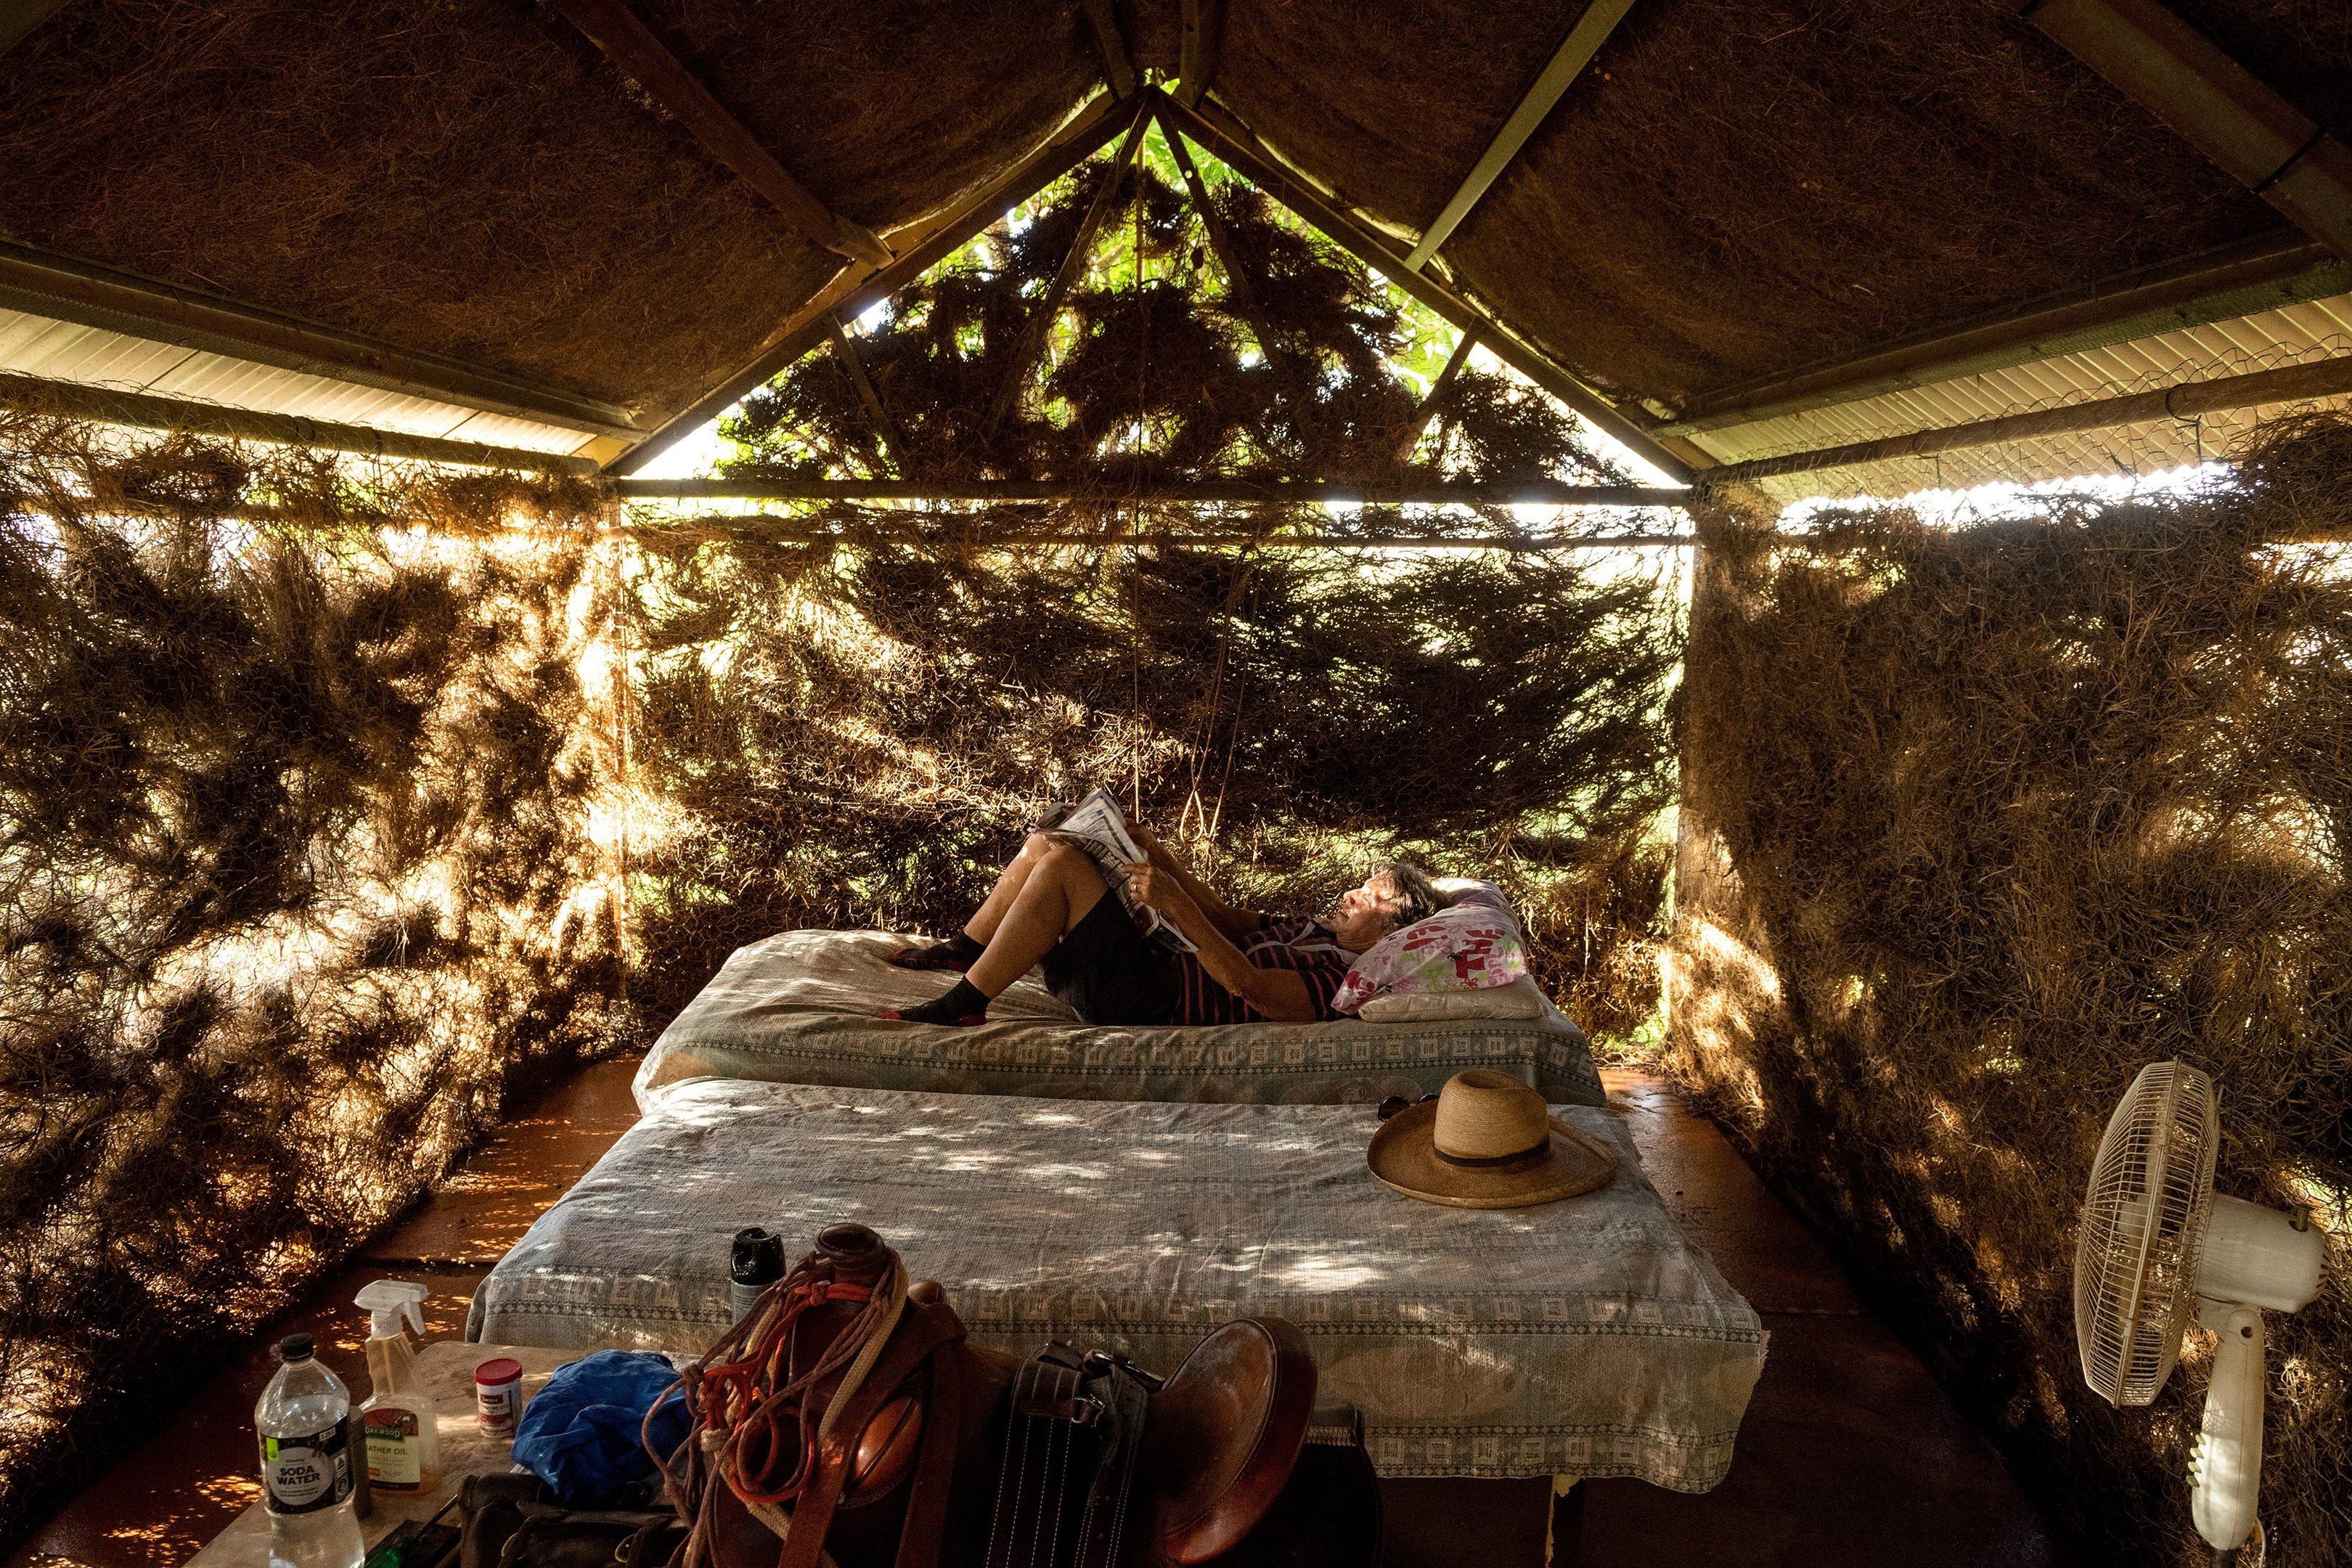 Ann Coppin em sua cabana em Marble Bar, Austrália